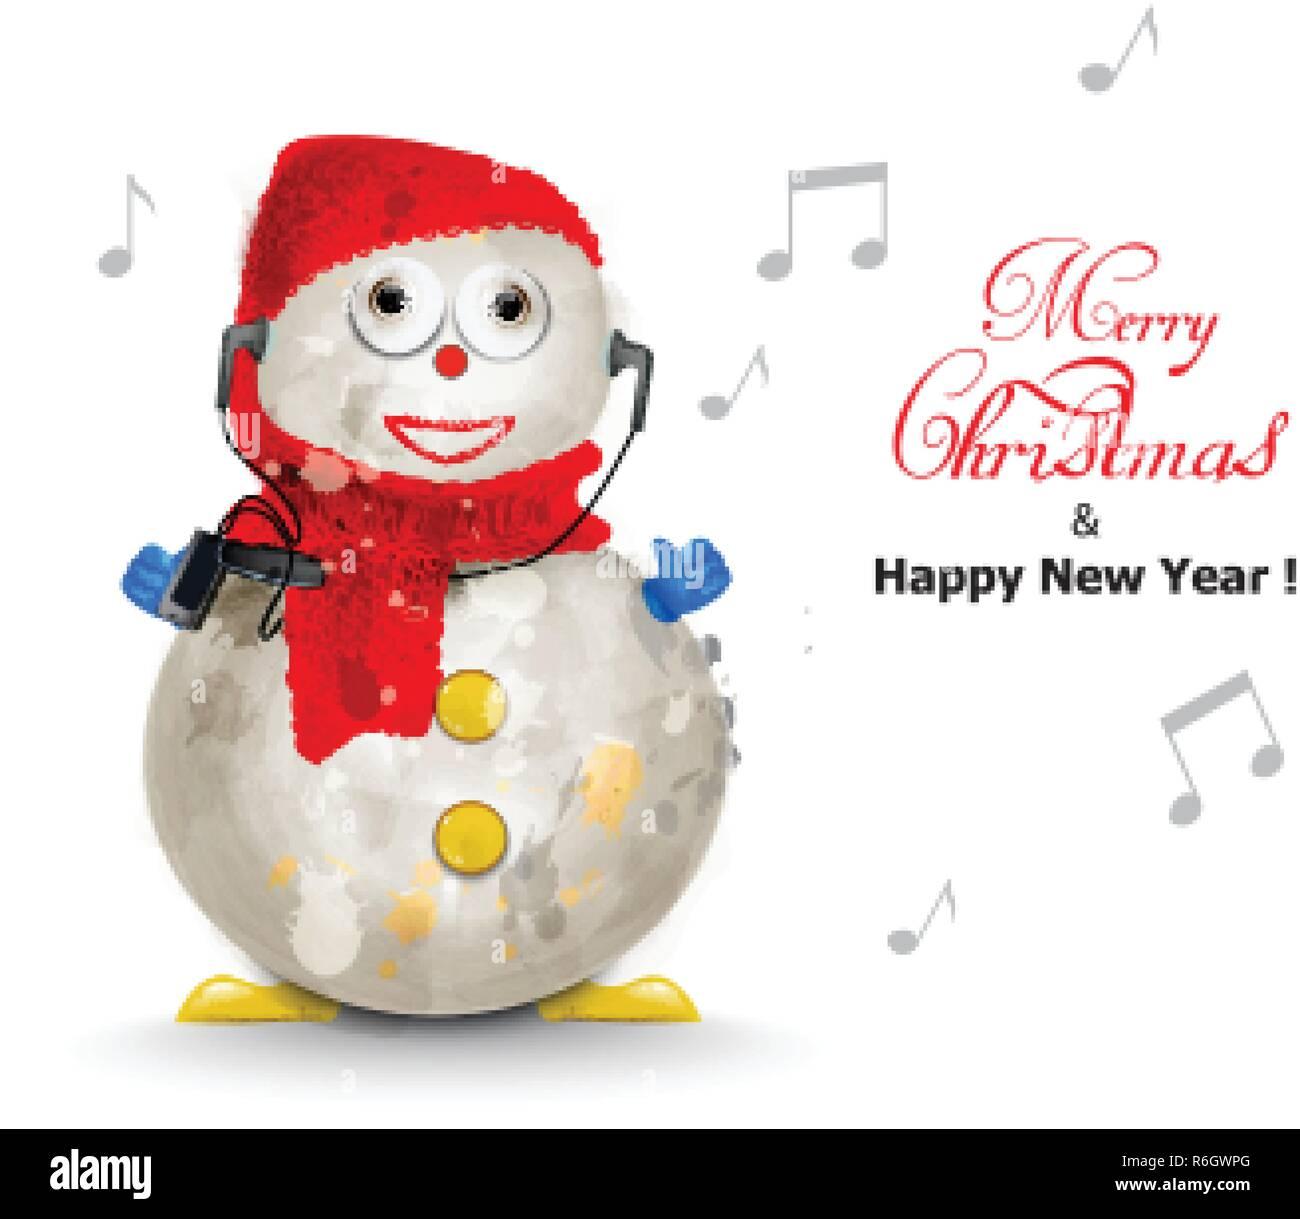 Frohe Weihnachten Musik.Frohe Weihnachten Süße Schneemann Musik Vektor Aquarell Urlaub